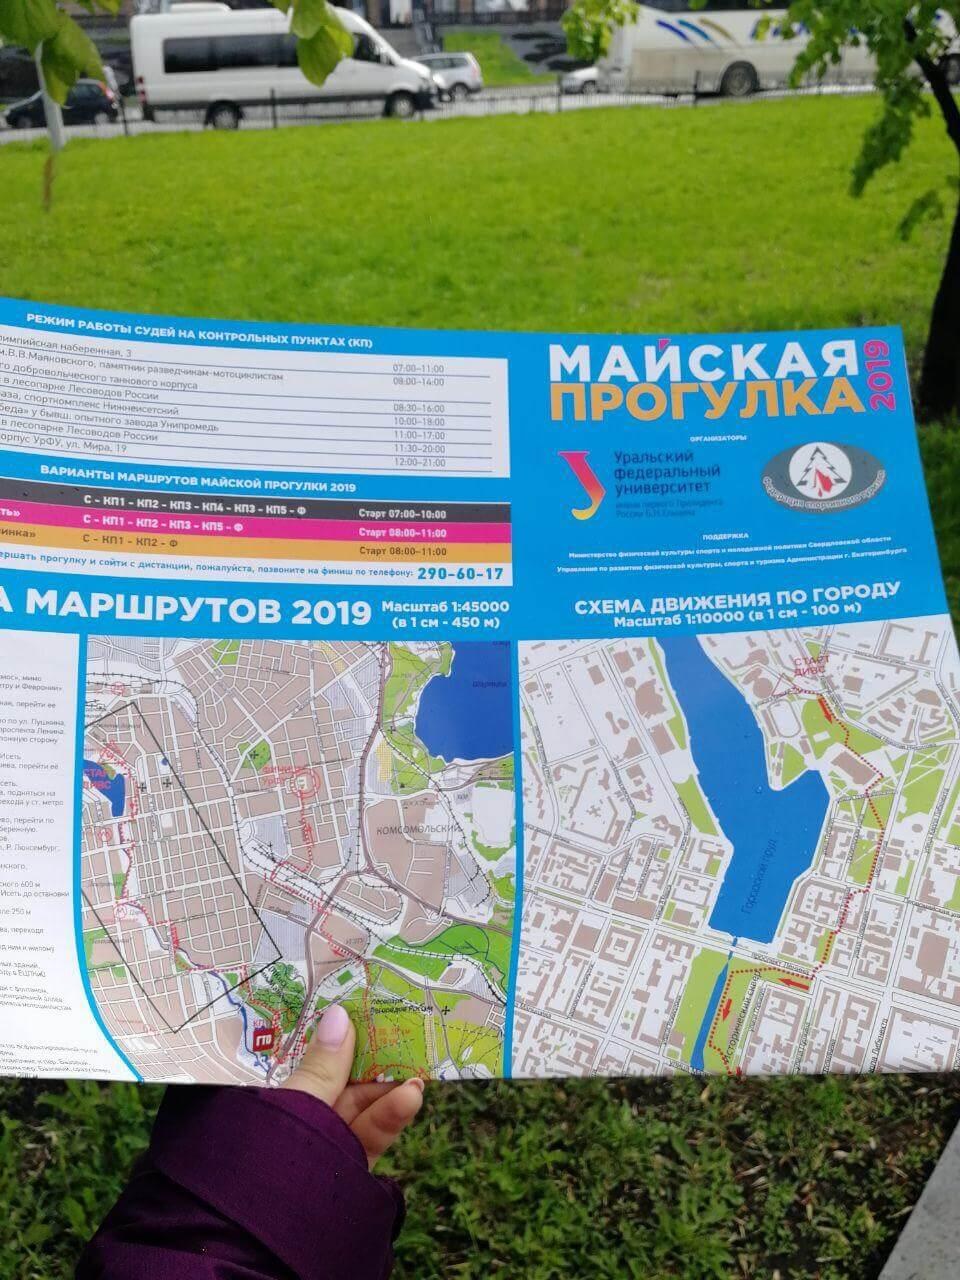 Для навигации по Майской прогулке организаторы выдали обычные бумажные карты